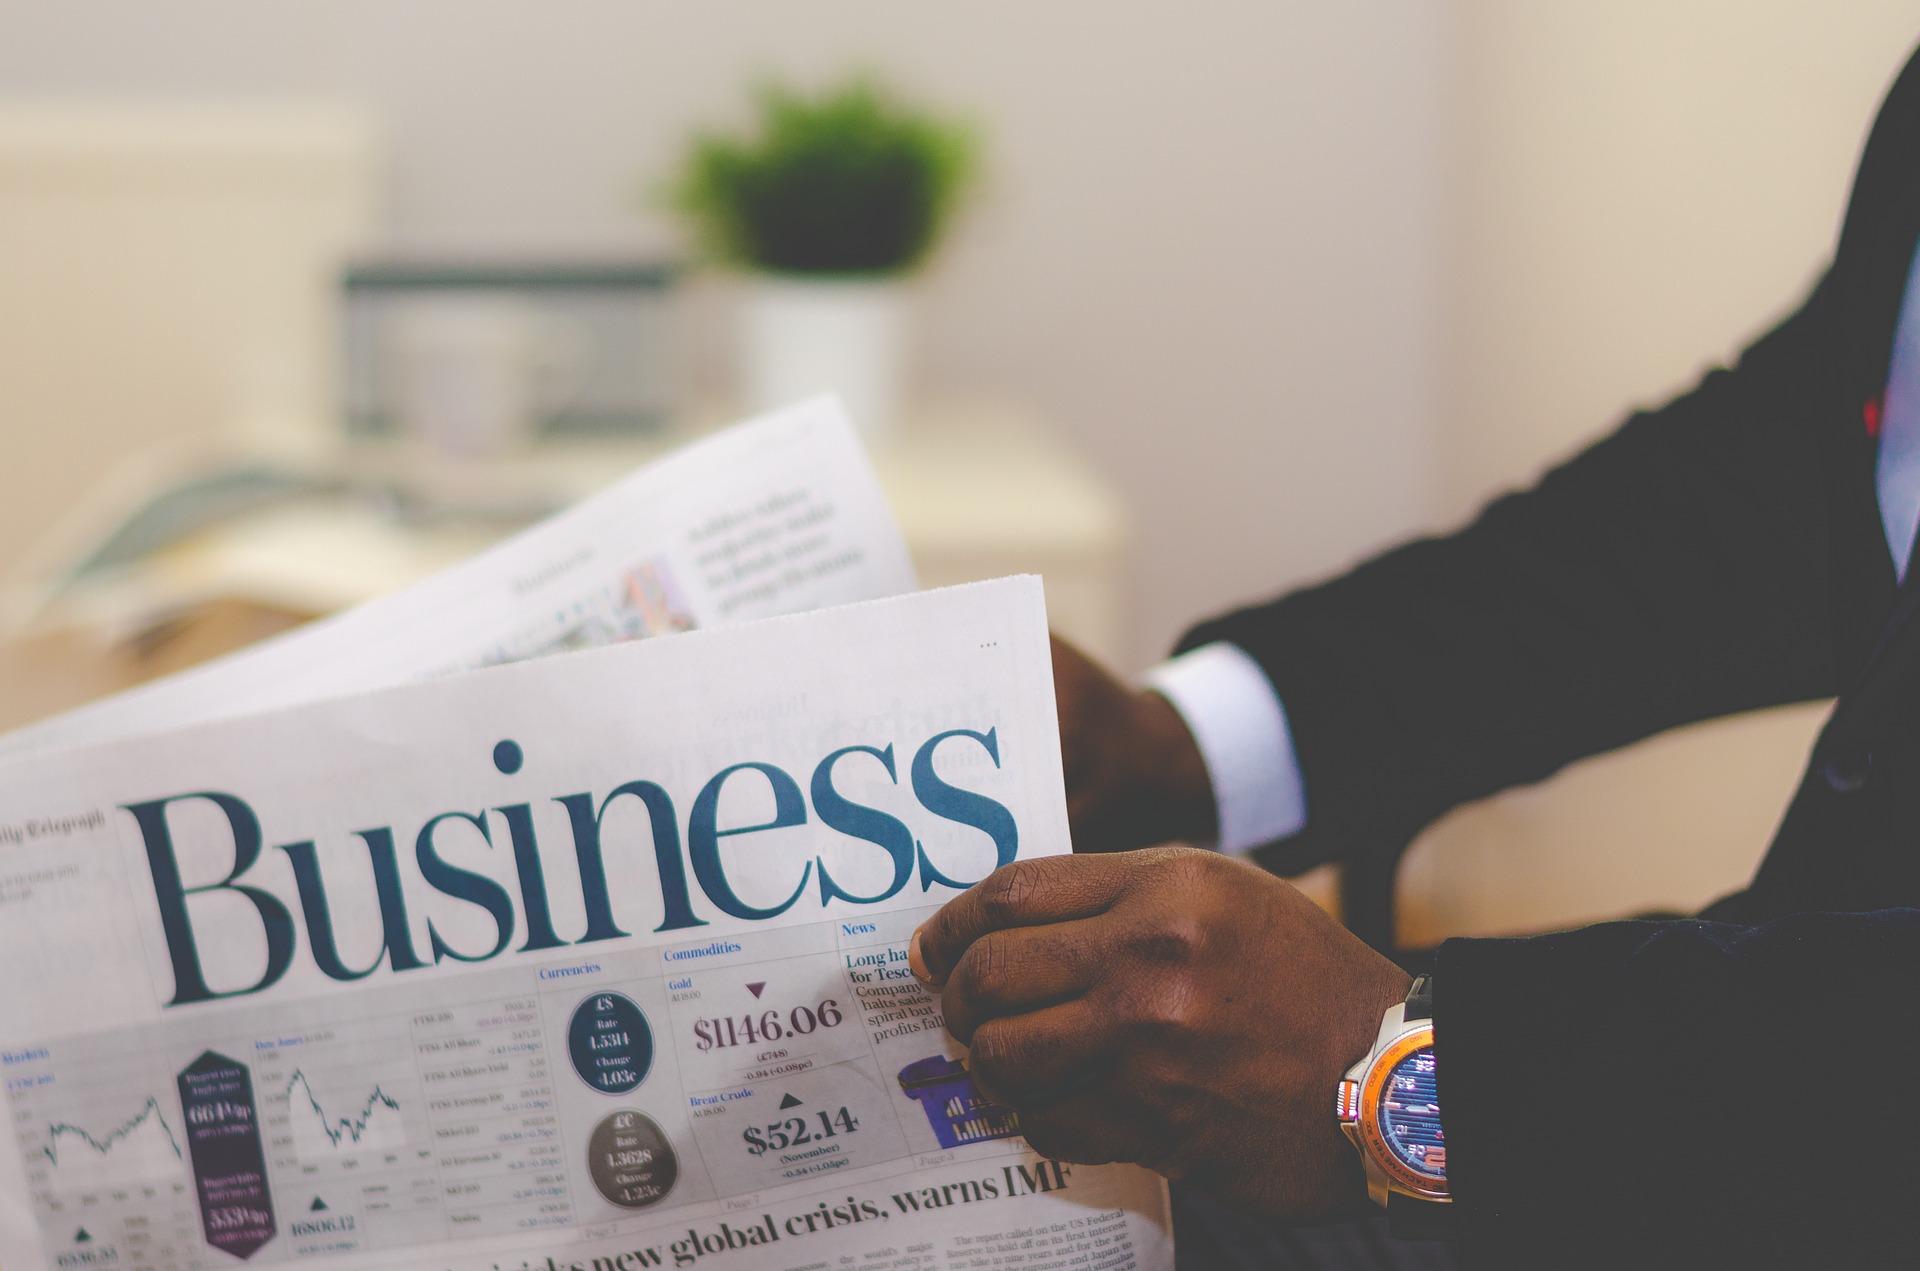 LAE 2019: Leseranalyse bestätigt Relevanz von Fachzeitschriften